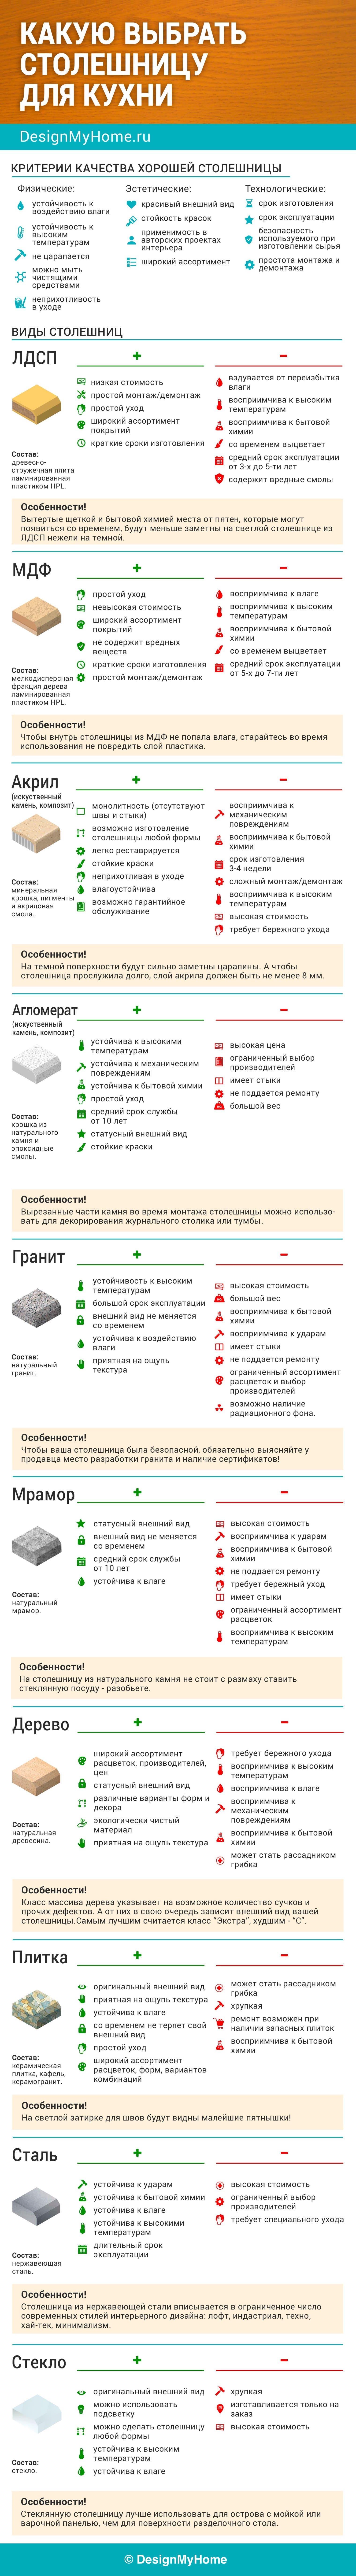 Как выбрать столешницу (инфографика)